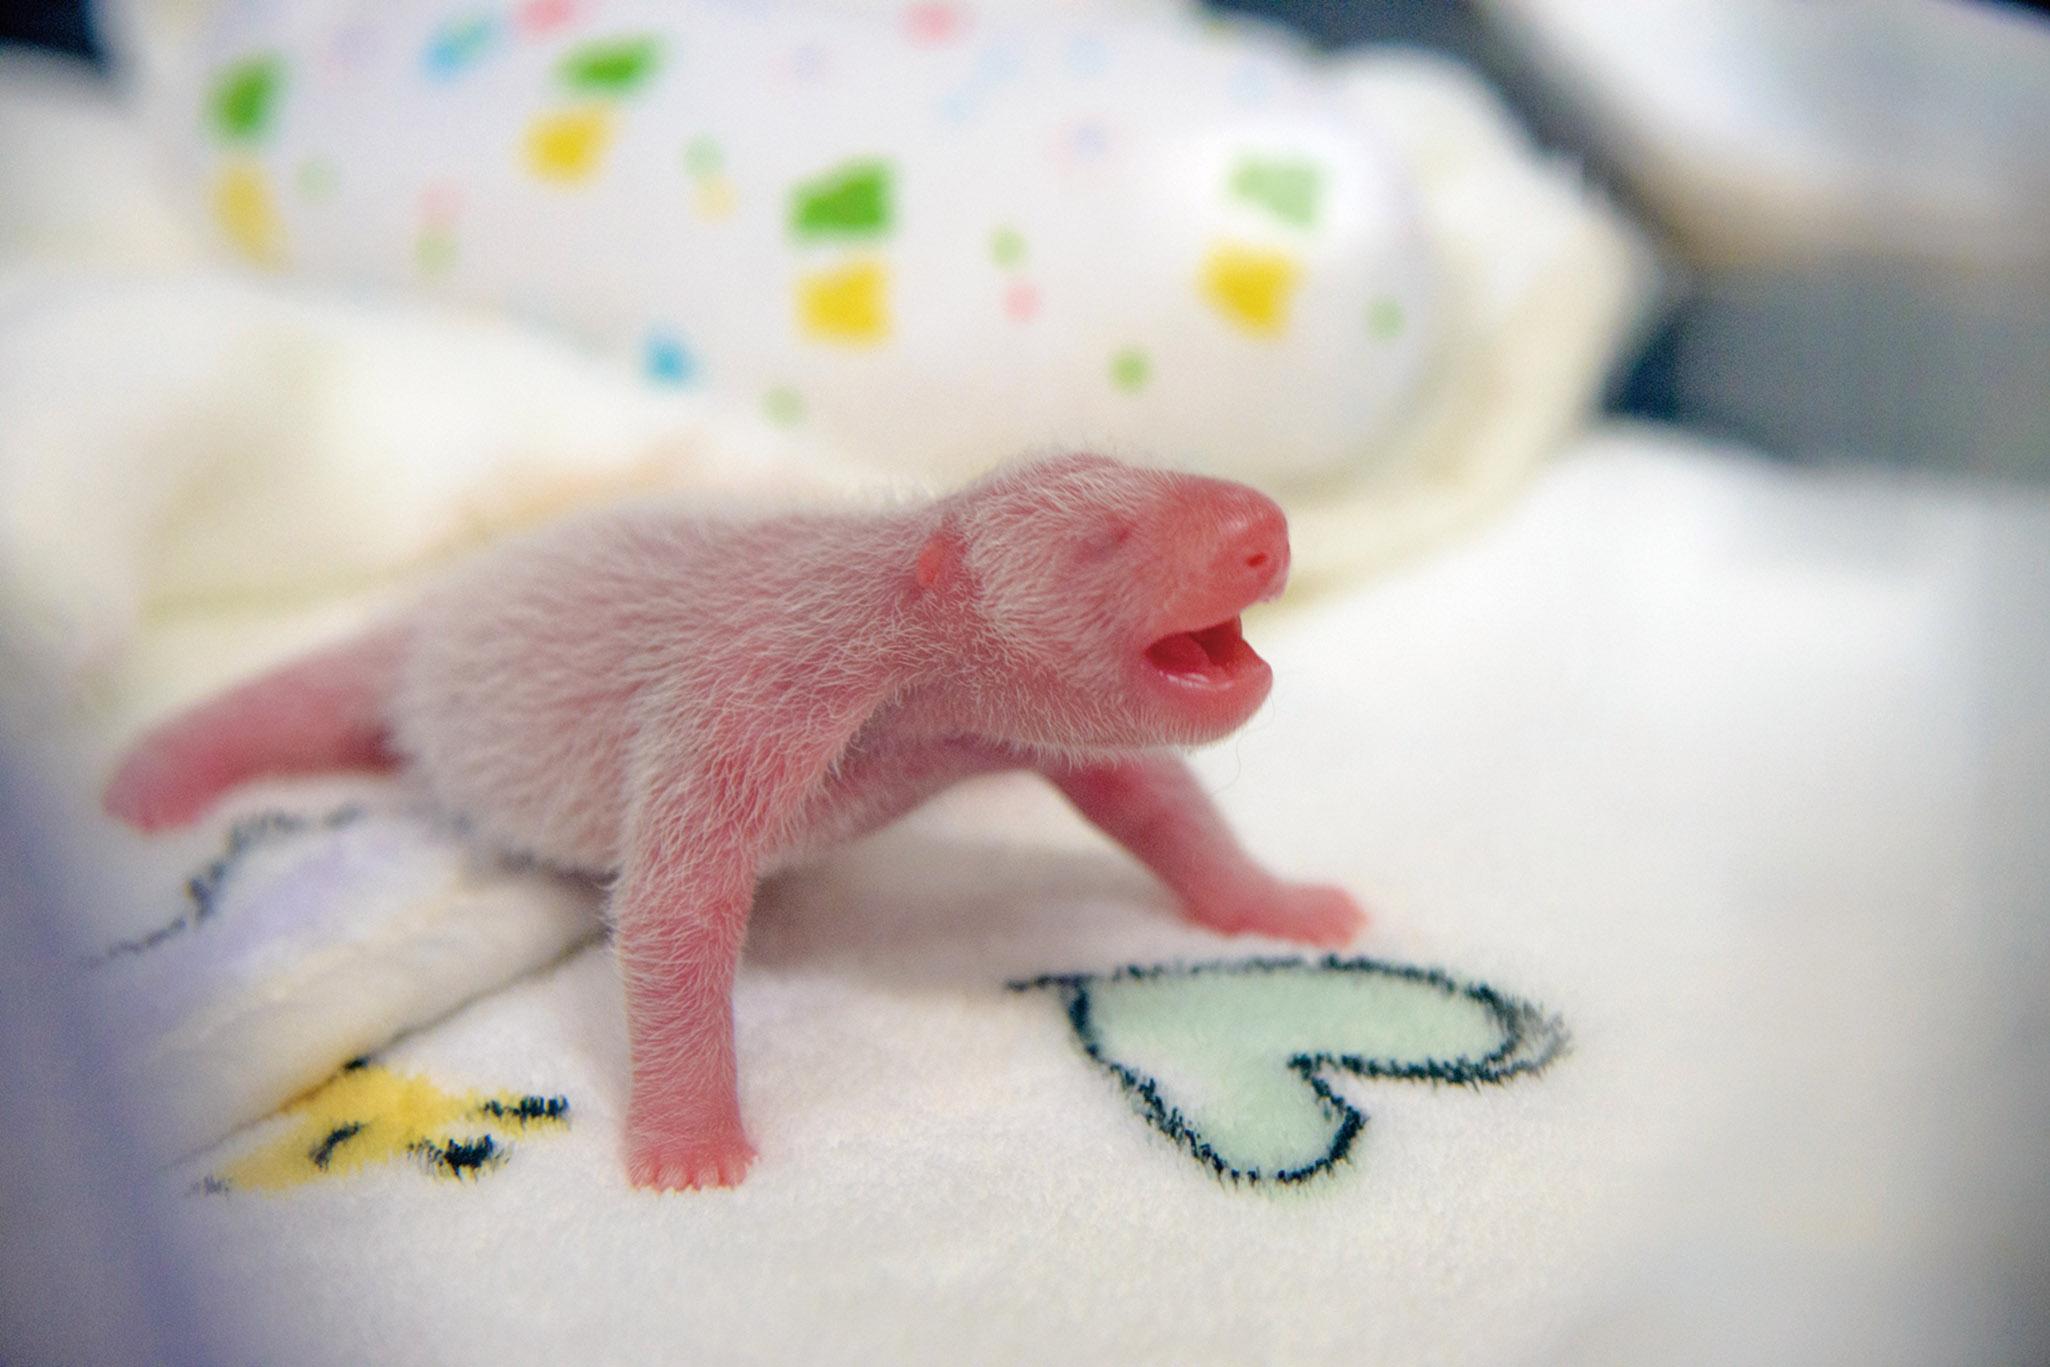 熊貓寶寶日後將留在澳門